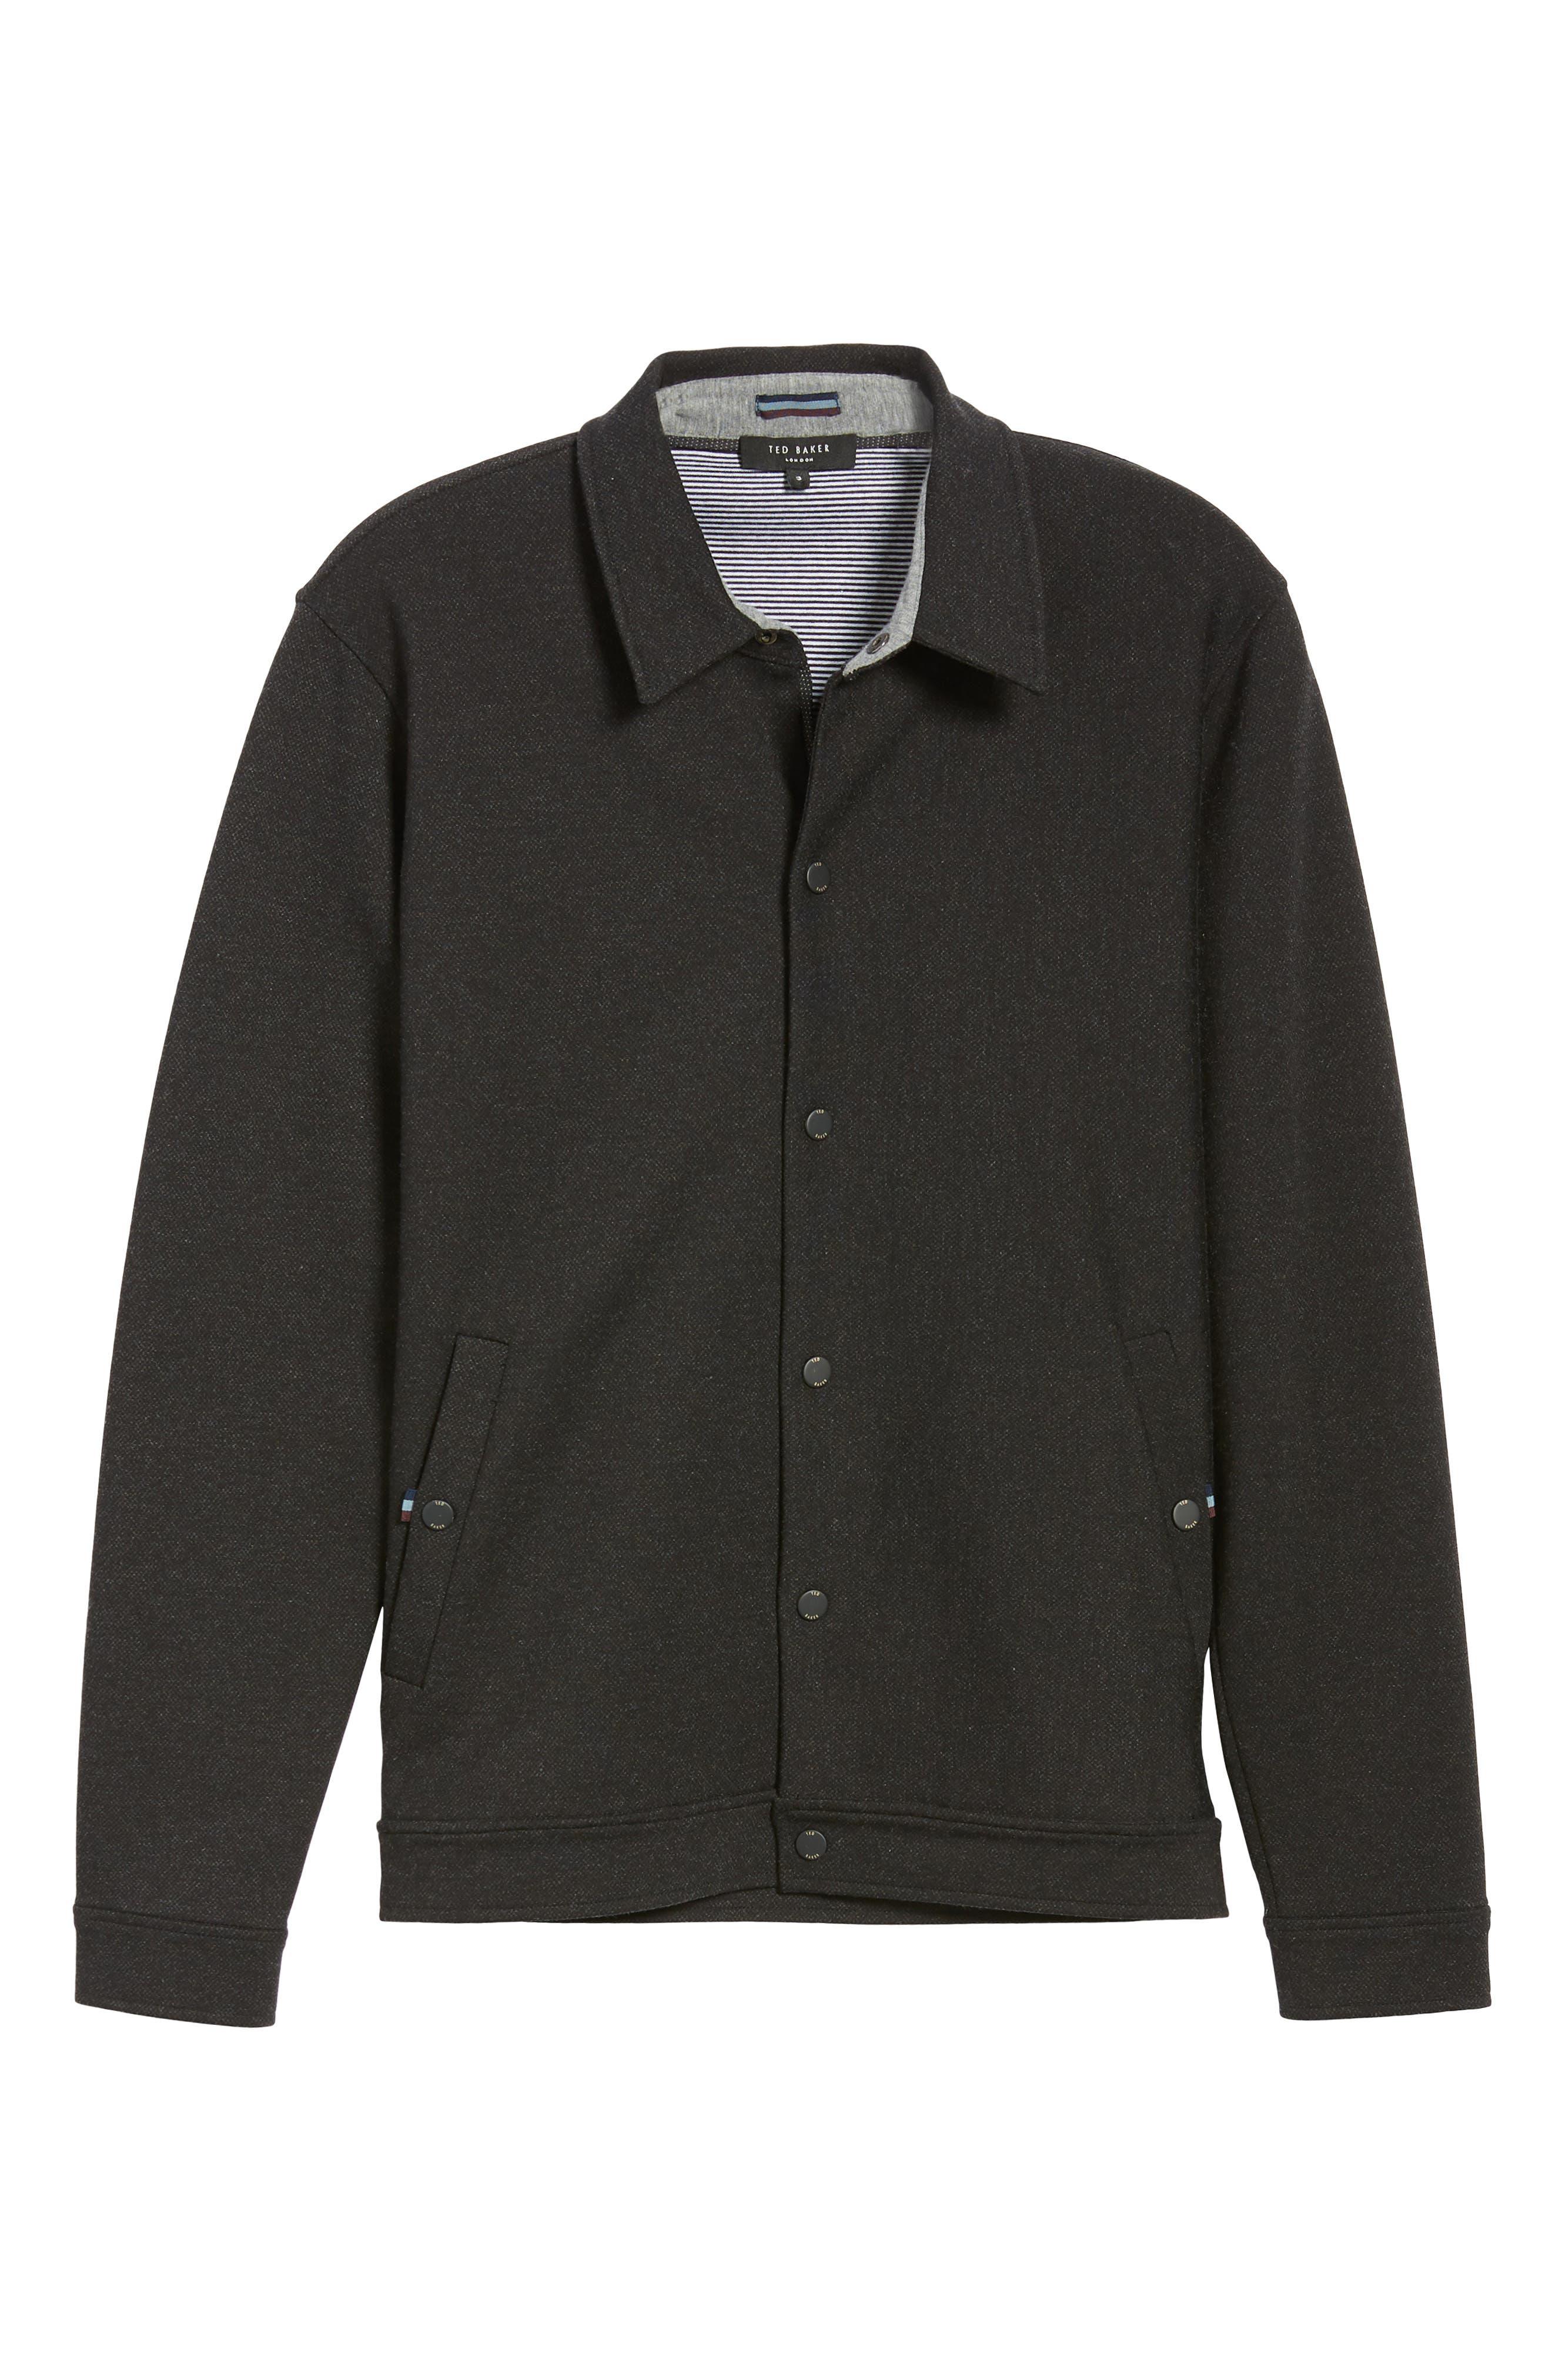 Flapjak Knit Shirt,                             Alternate thumbnail 7, color,                             BLACK